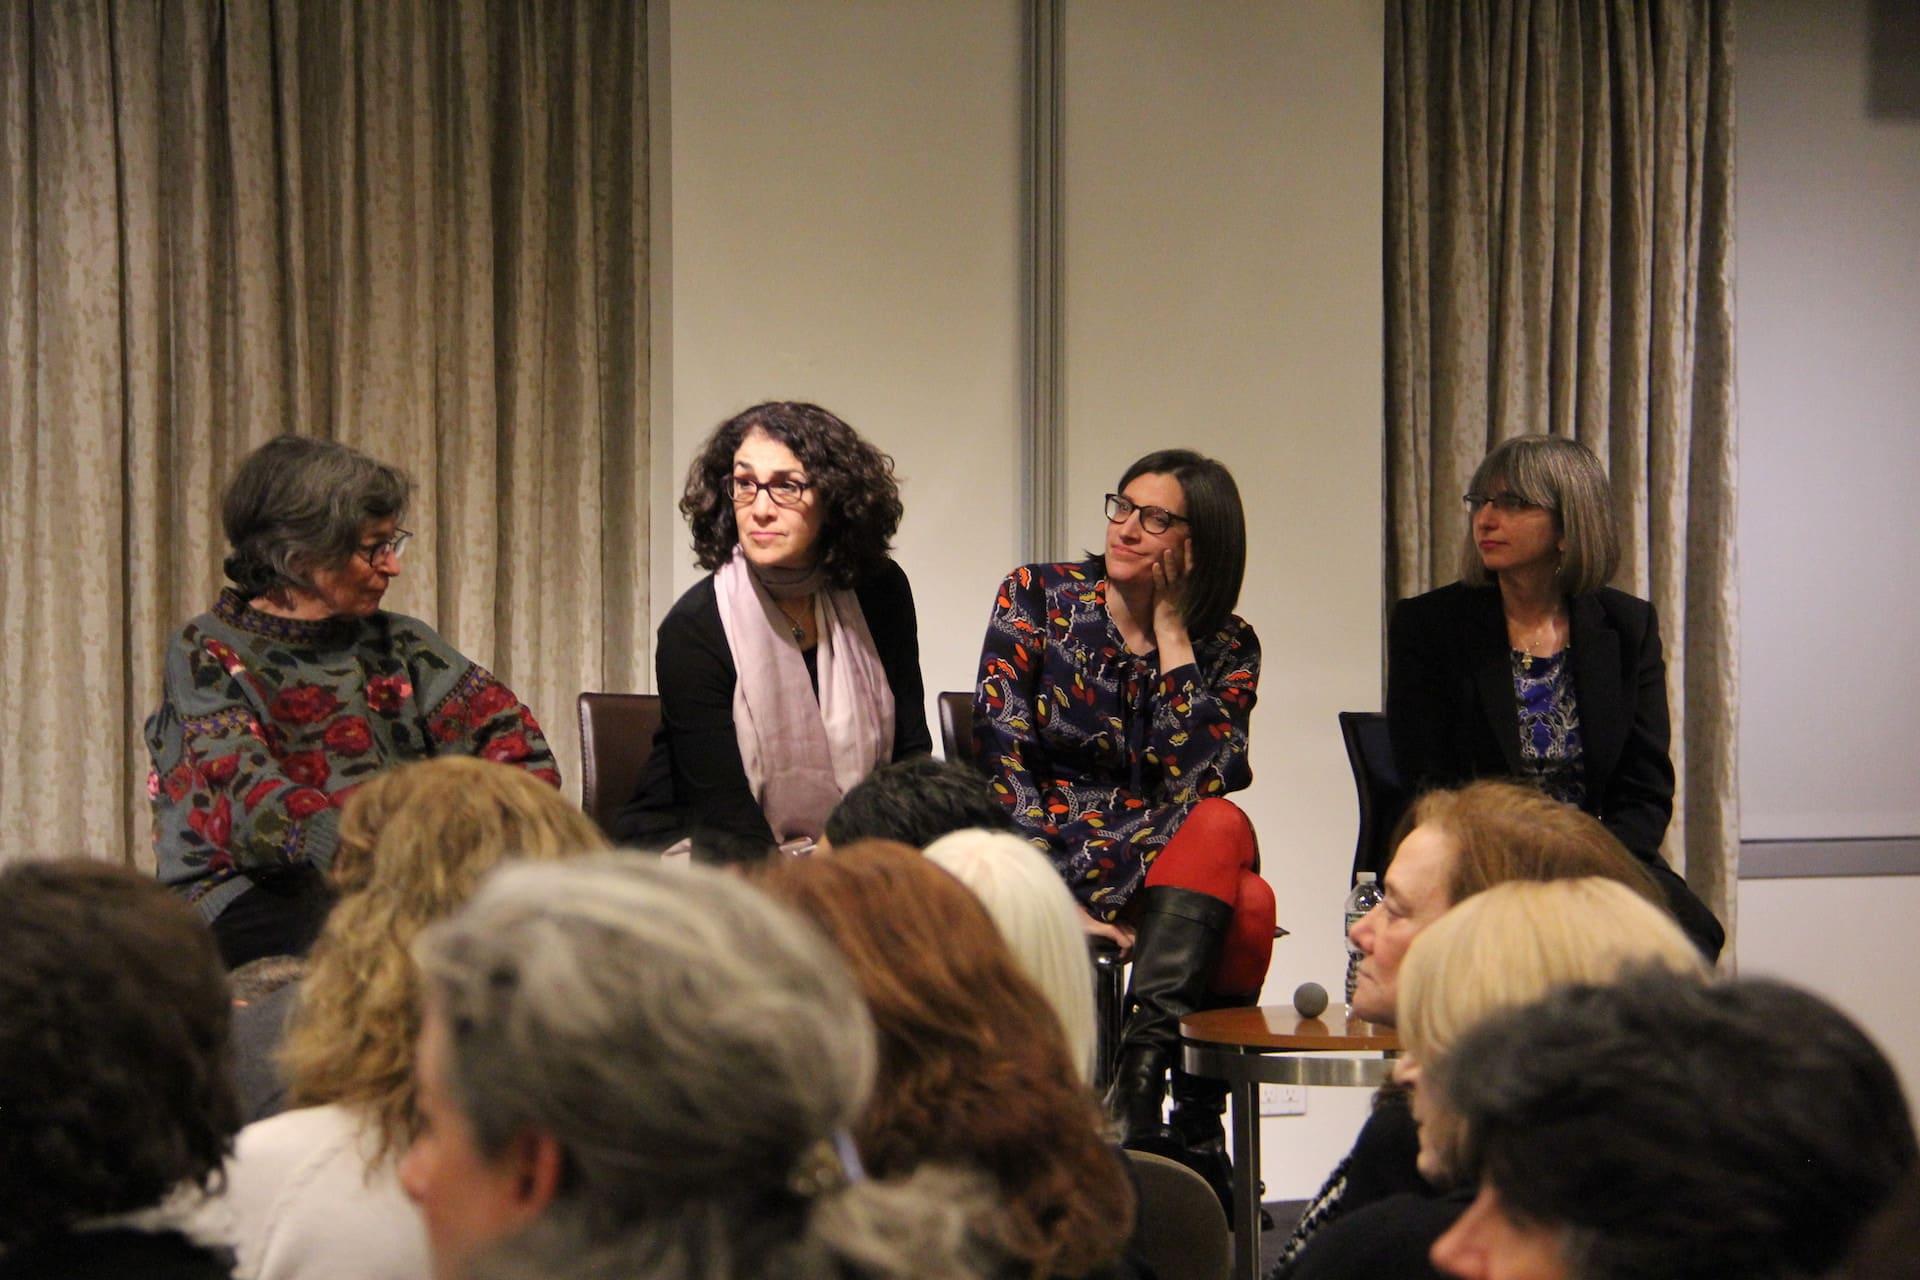 JWFNY panelists